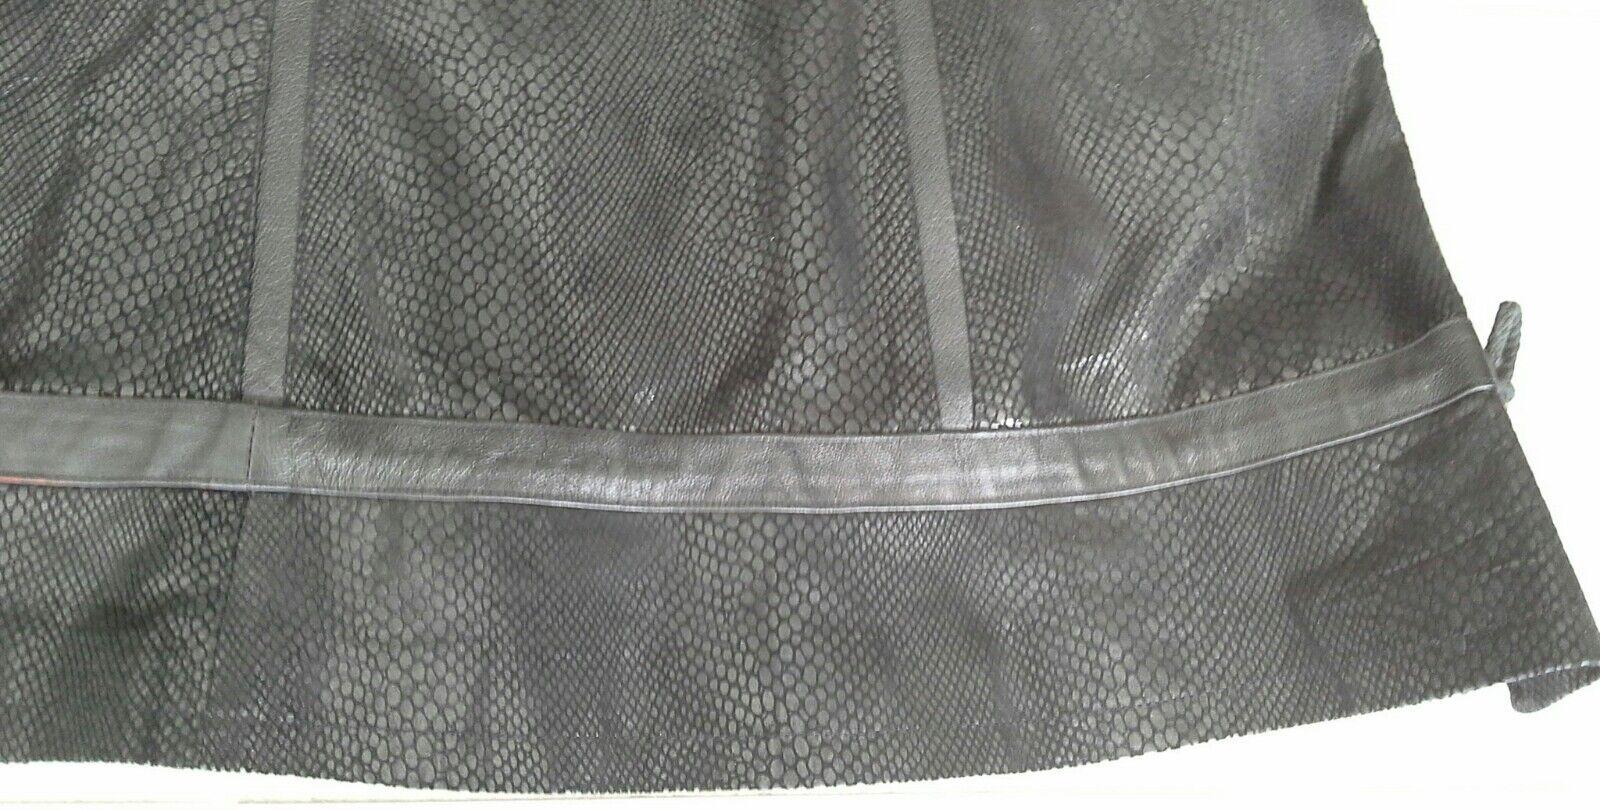 Ausgefallener Schlangenledermantel schwarz Gr 44 | Creative  | | | Hervorragende Eigenschaften  | Helle Farben  bfdd03